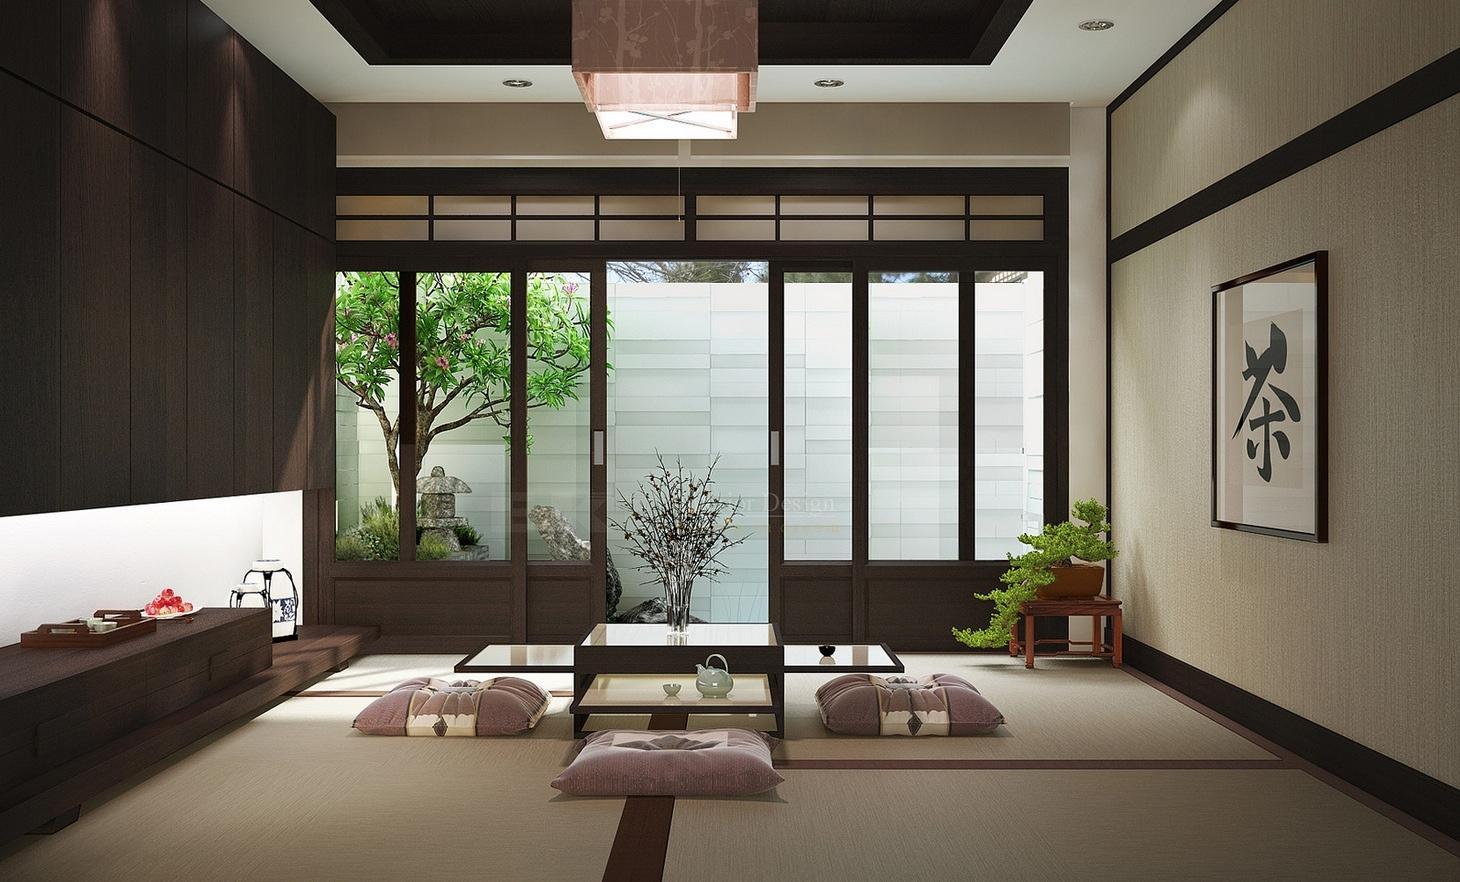 Японский стиль тяготеет к минимализму в интерьере